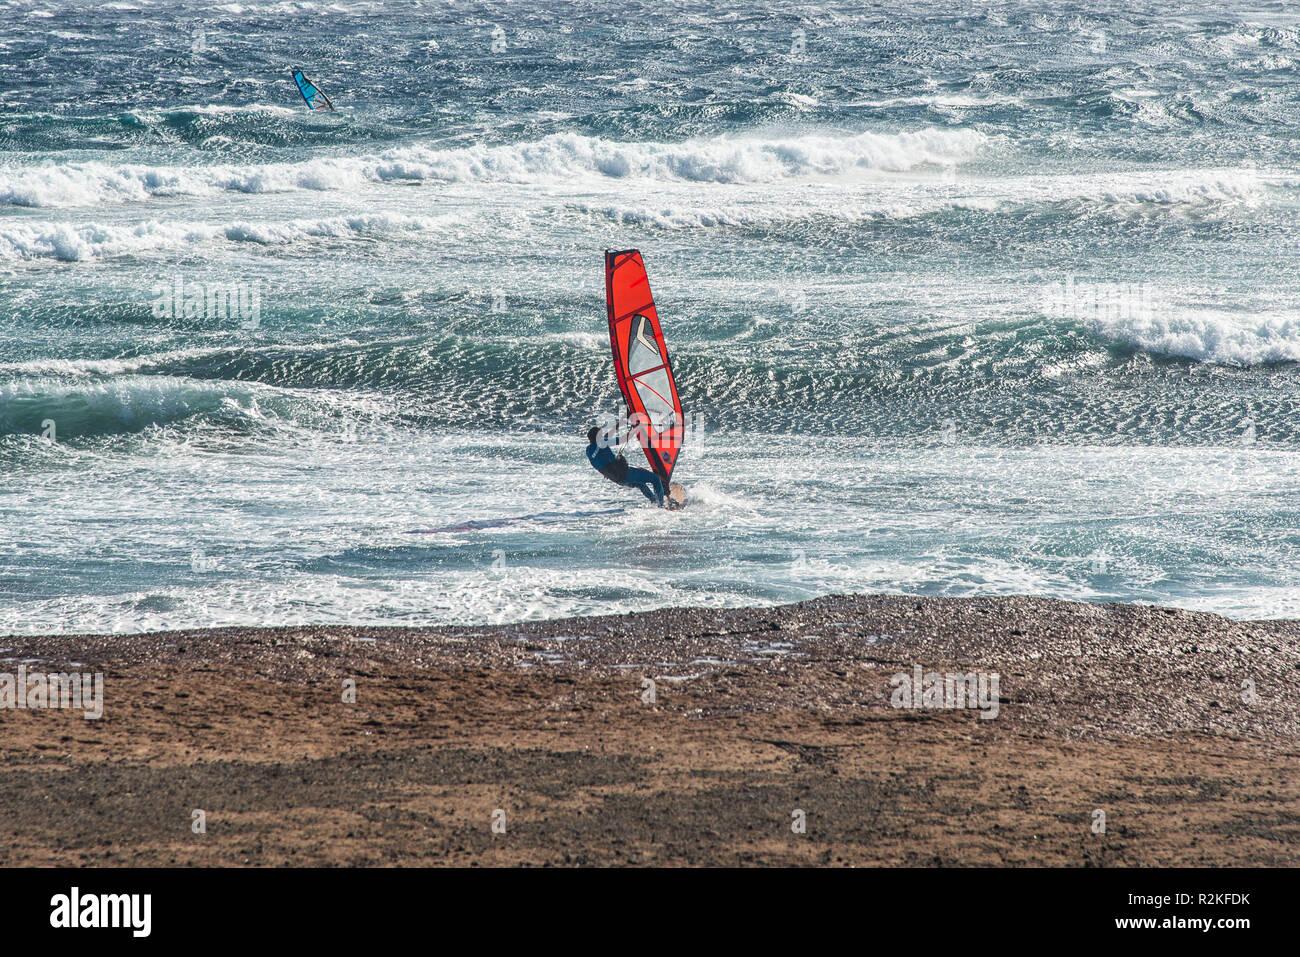 Una tabla de windsurf con red navegar con viento fuerte surfeando en un fuerte oleaje. Imagen De Stock